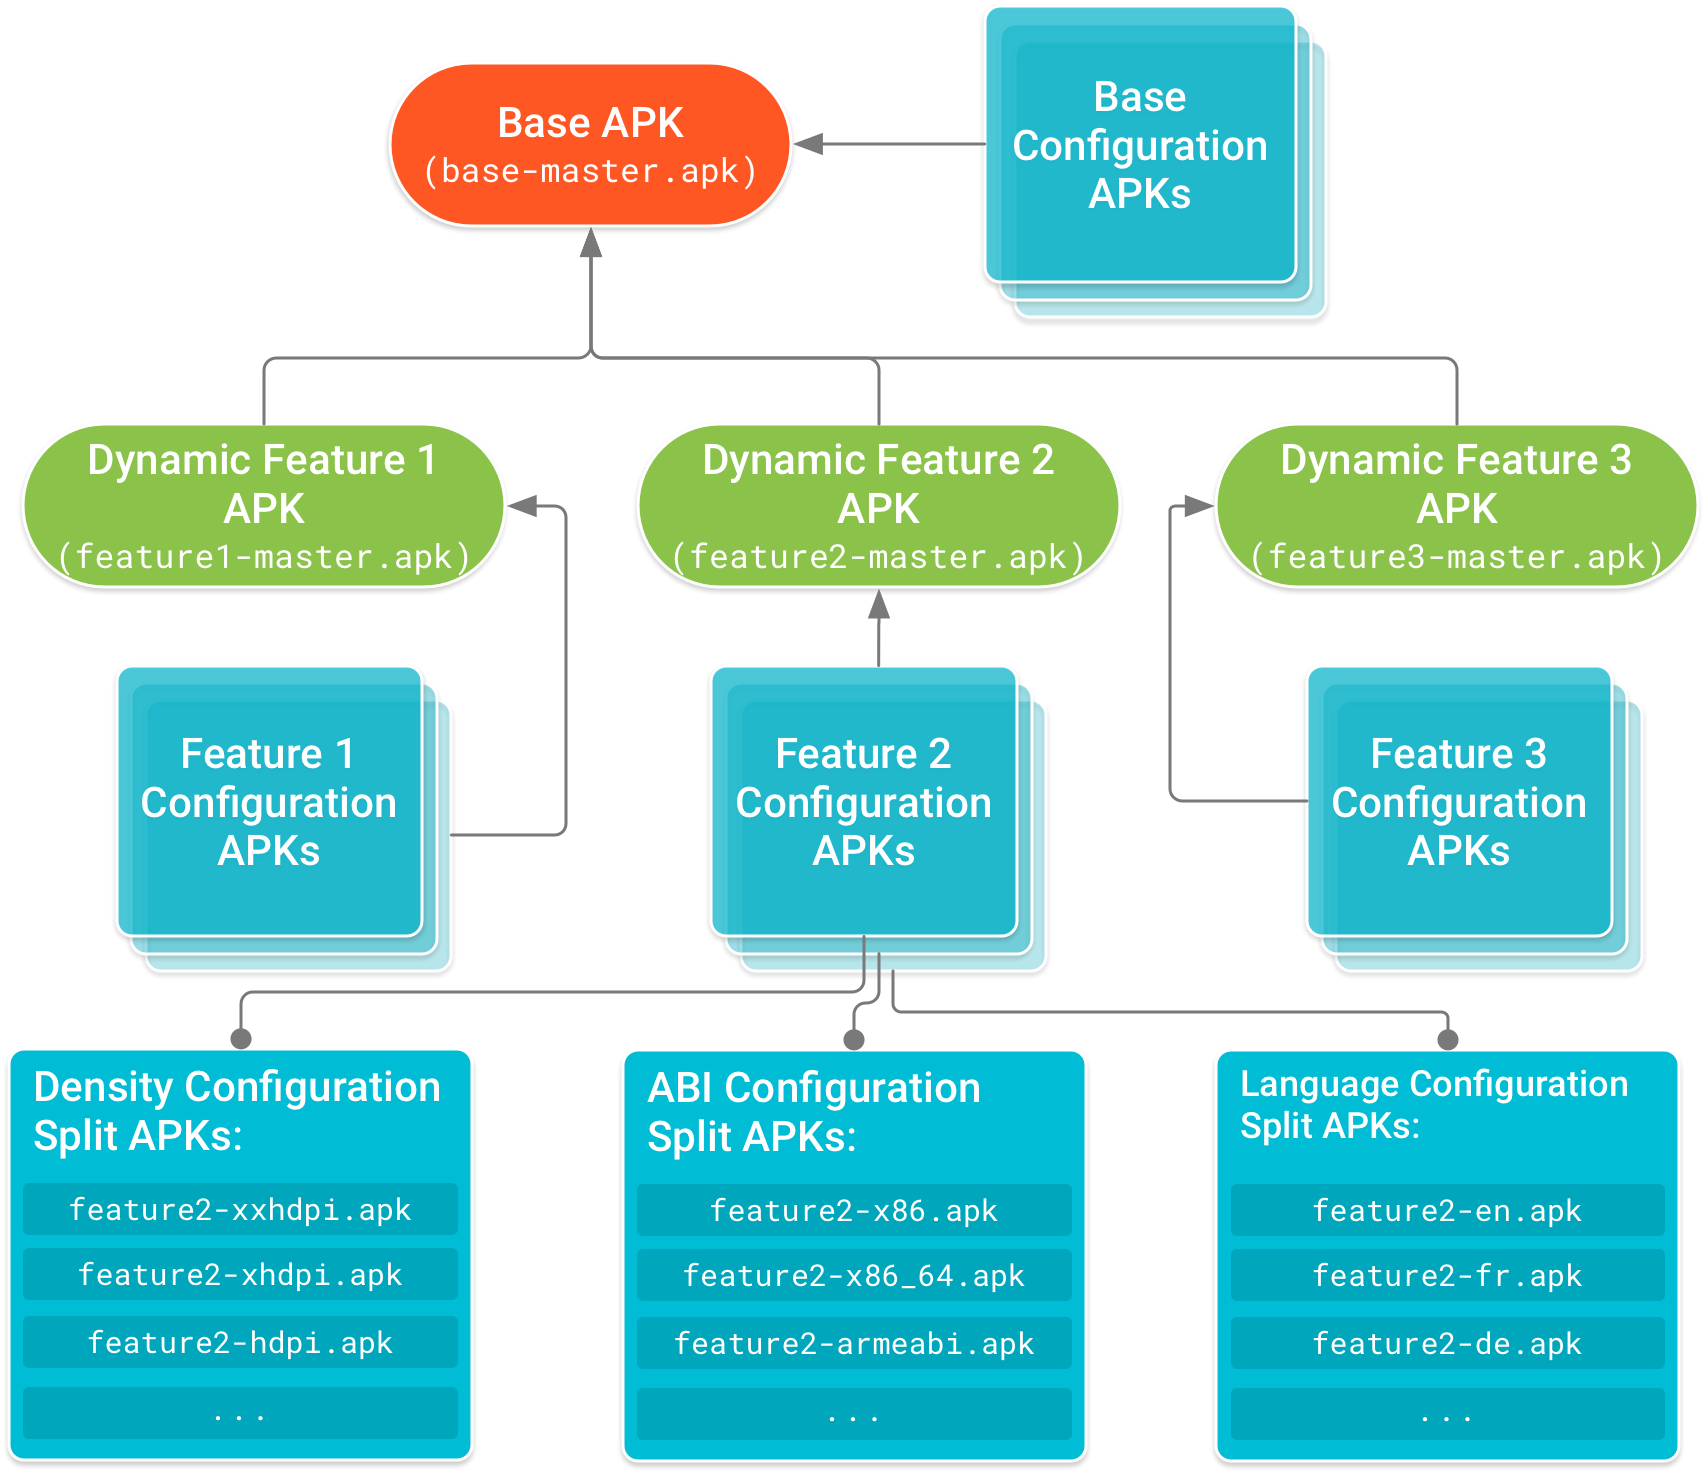 El APK de base forma la cabeza del árbol, y los APK de funciones dependen de él. Los APK de configuración, que incluyen código y recursos específicos según la configuración del dispositivo para el APK de base y cada APK de módulos de funciones, forman los nodos de hoja del árbol de dependencias.